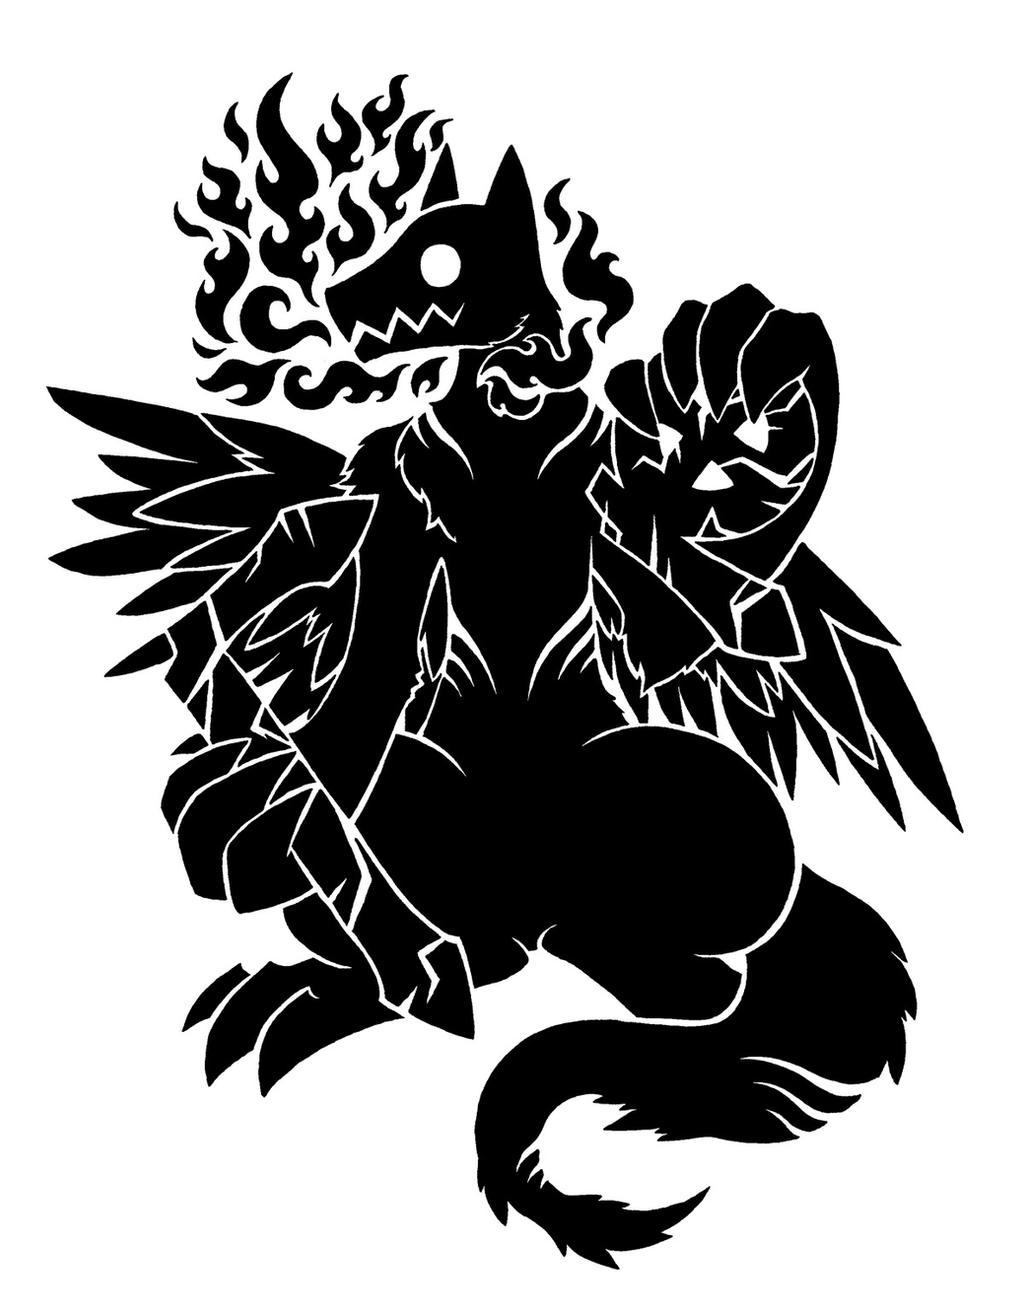 dragon_fredrick_01_by_sunnyparallax-d830y70.jpg